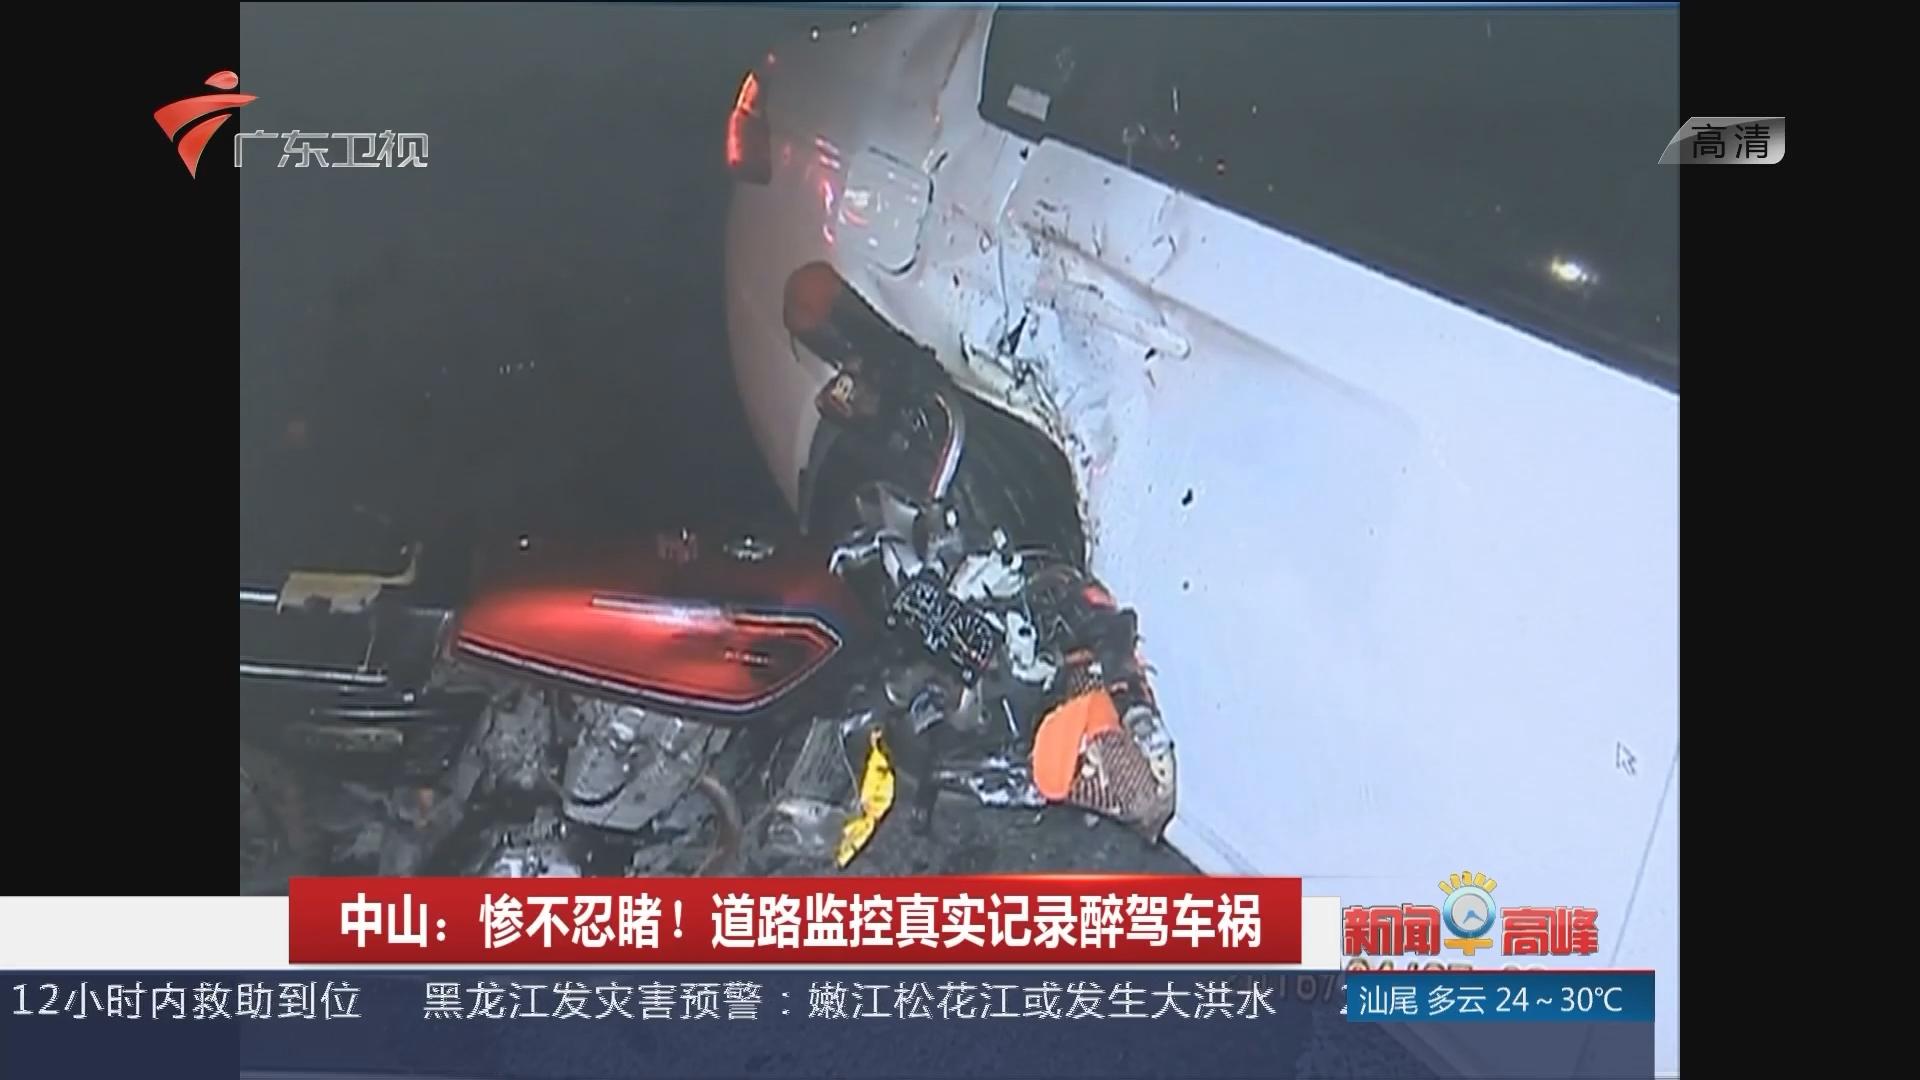 中山:惨不忍睹!道路监控真实记录醉驾车祸